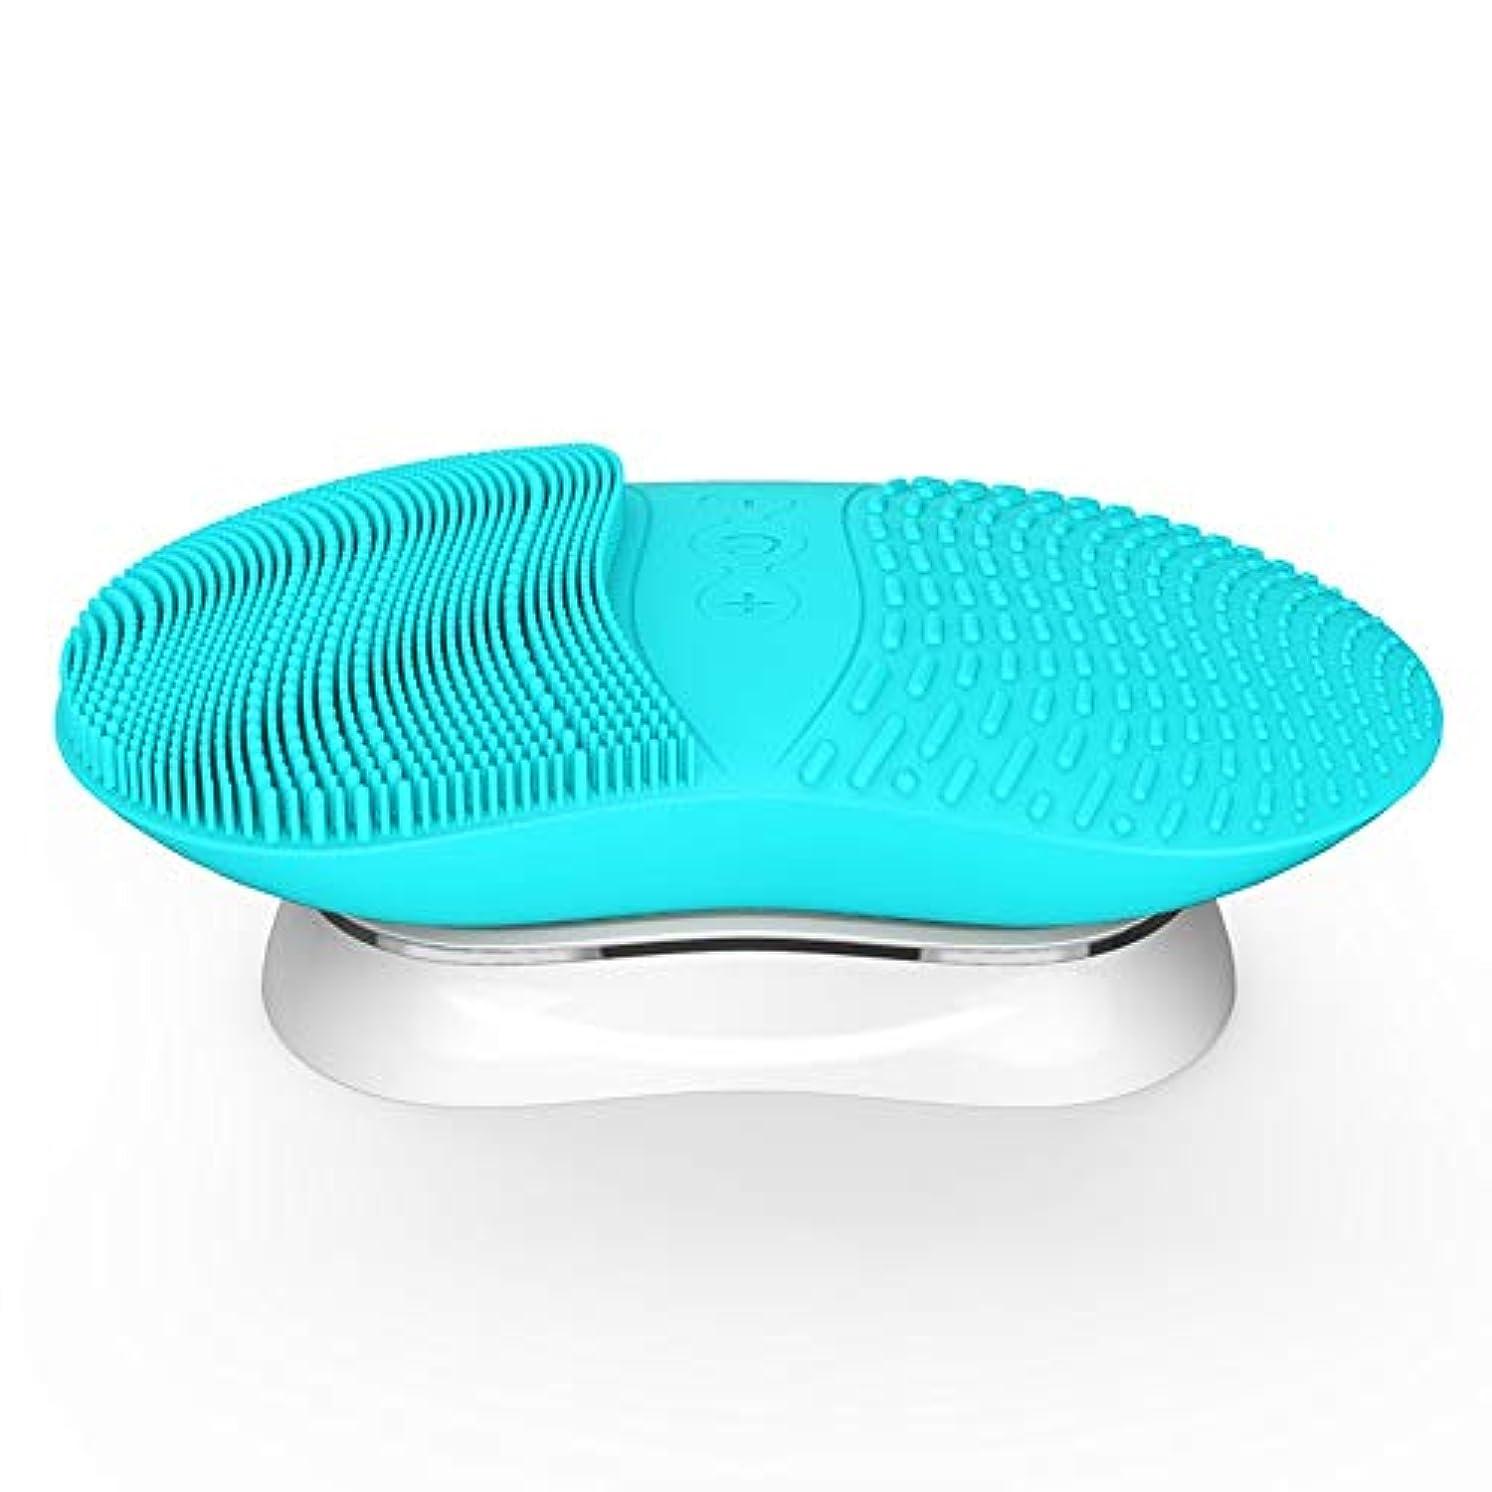 大脳鰐サラミZXF 新ワイヤレス充電シリコンクレンジングブラシ超音波振動ディープクリーン防水暖かさクレンジング美容機器クレンジング機器 滑らかである